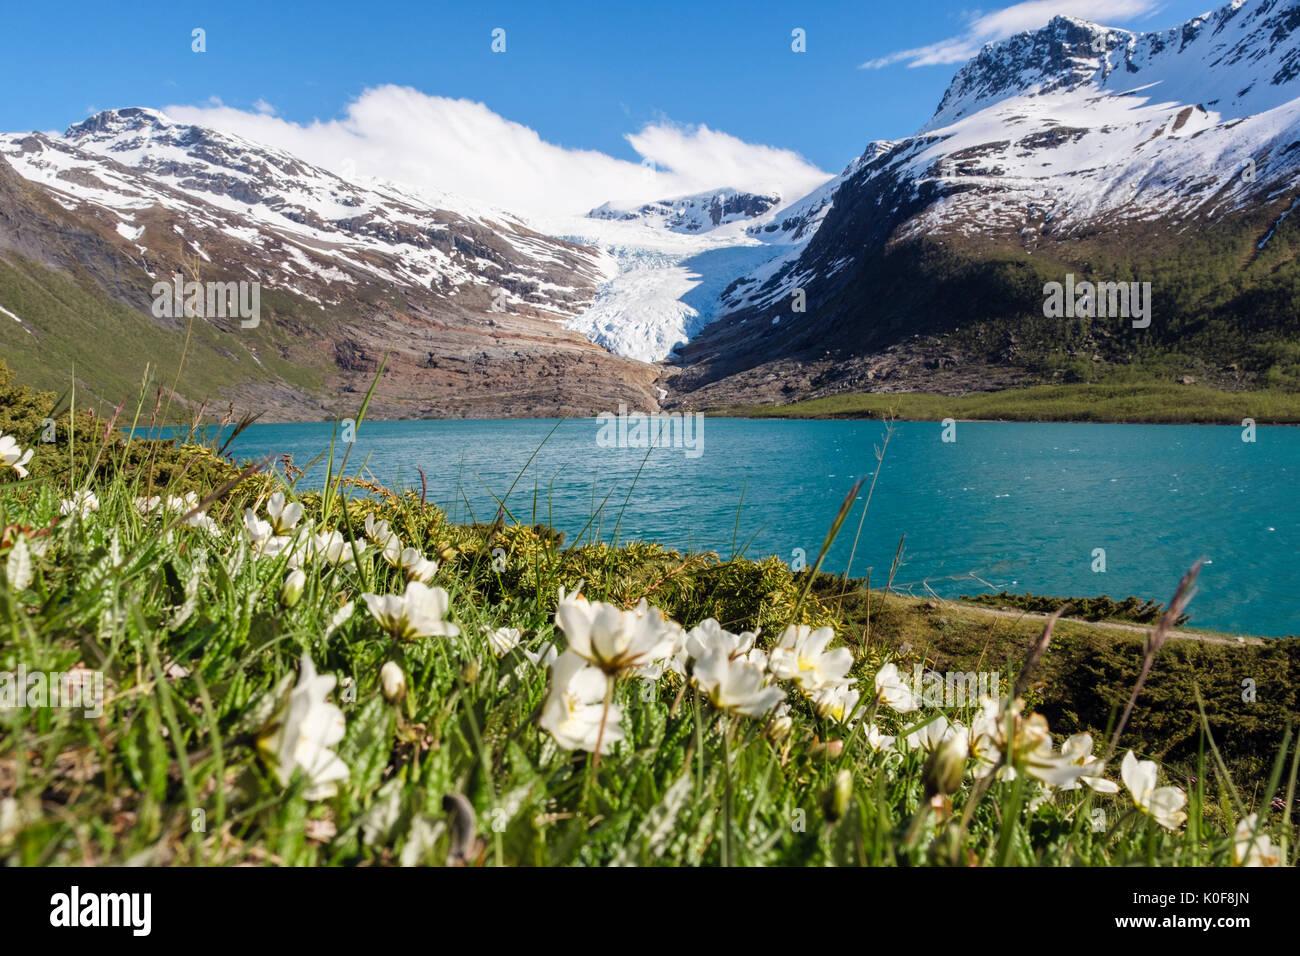 Glacier de Svartisen Engabreen bras ice cap vu à travers le lac Svartisvatnet avec la dryade Dryas octopetala fleurs en été. La Norvège Photo Stock